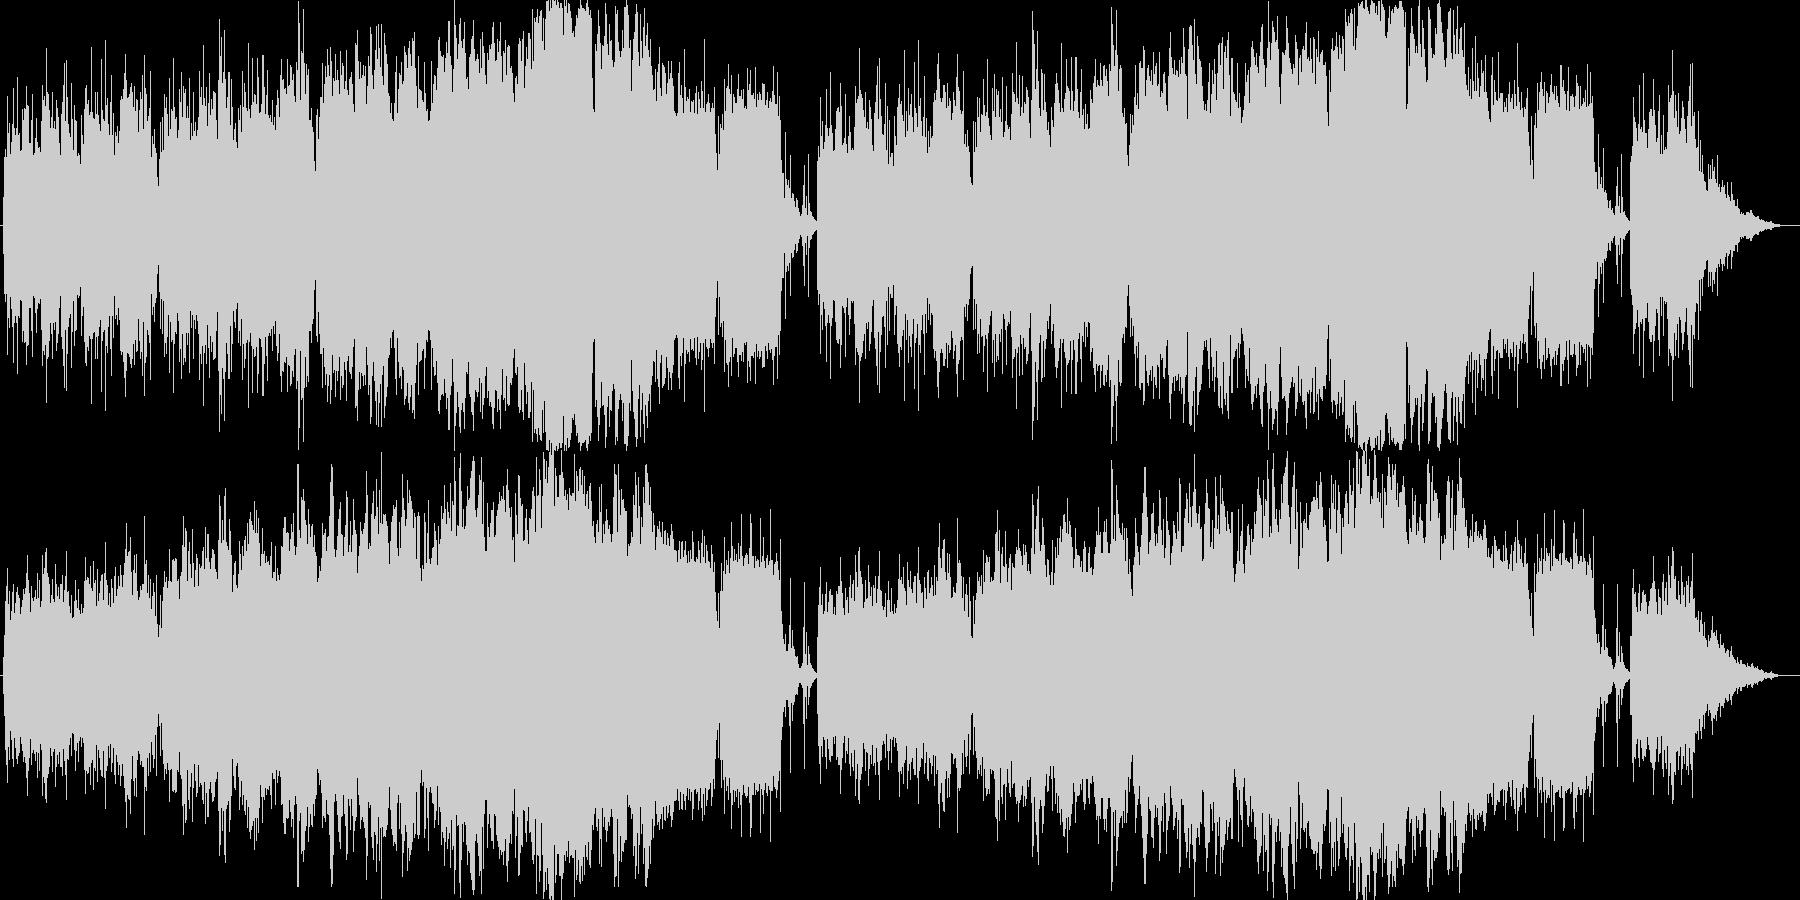 不思議な森をイメージしたBGMの未再生の波形